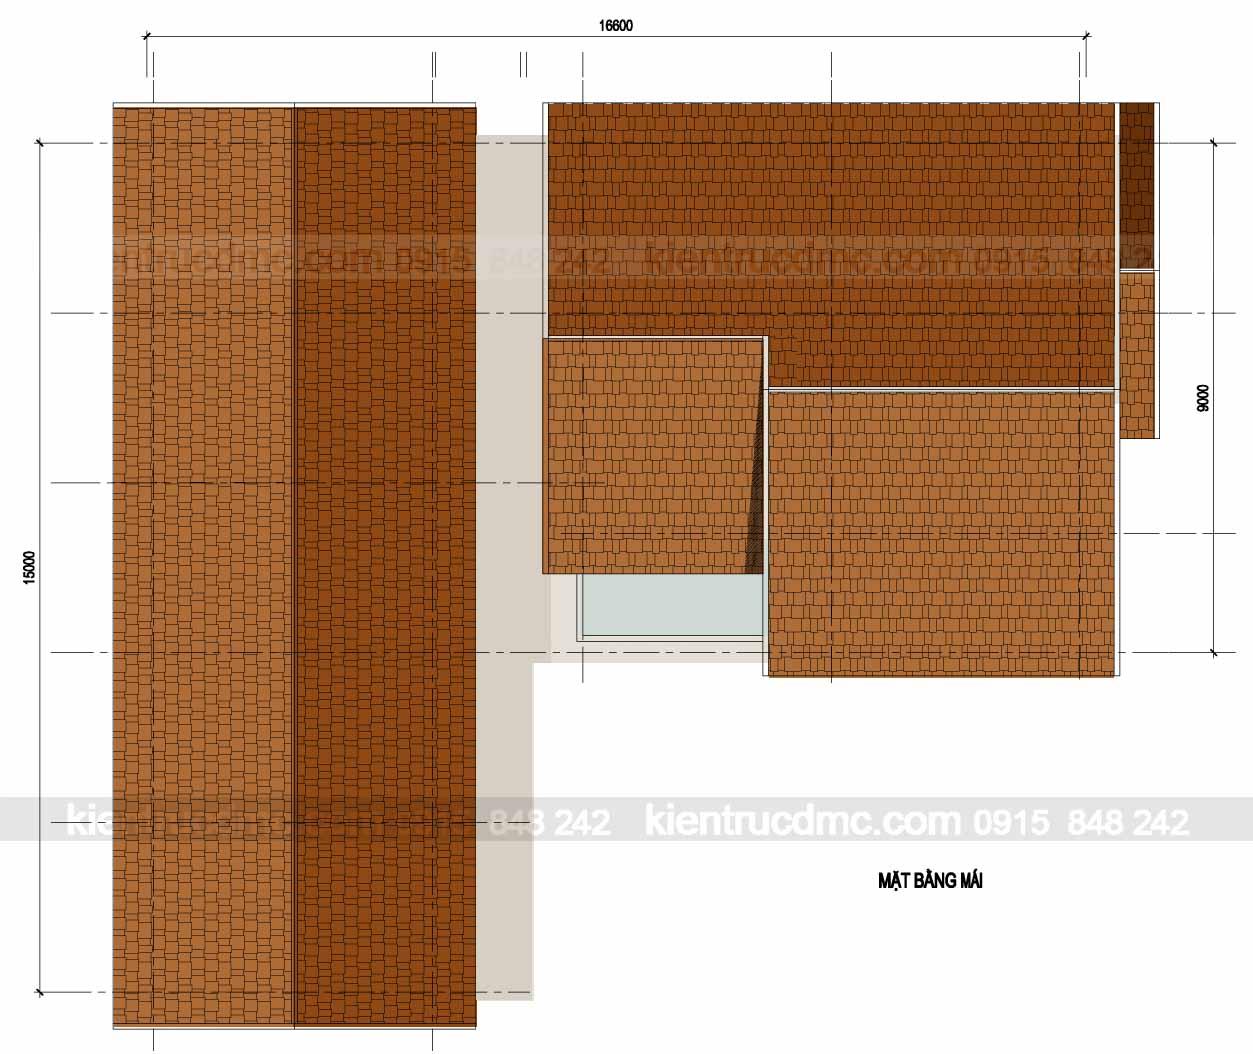 Thiết kế nhà đẹp- Thiết kế nhà vườn 658m2 Yên Bái